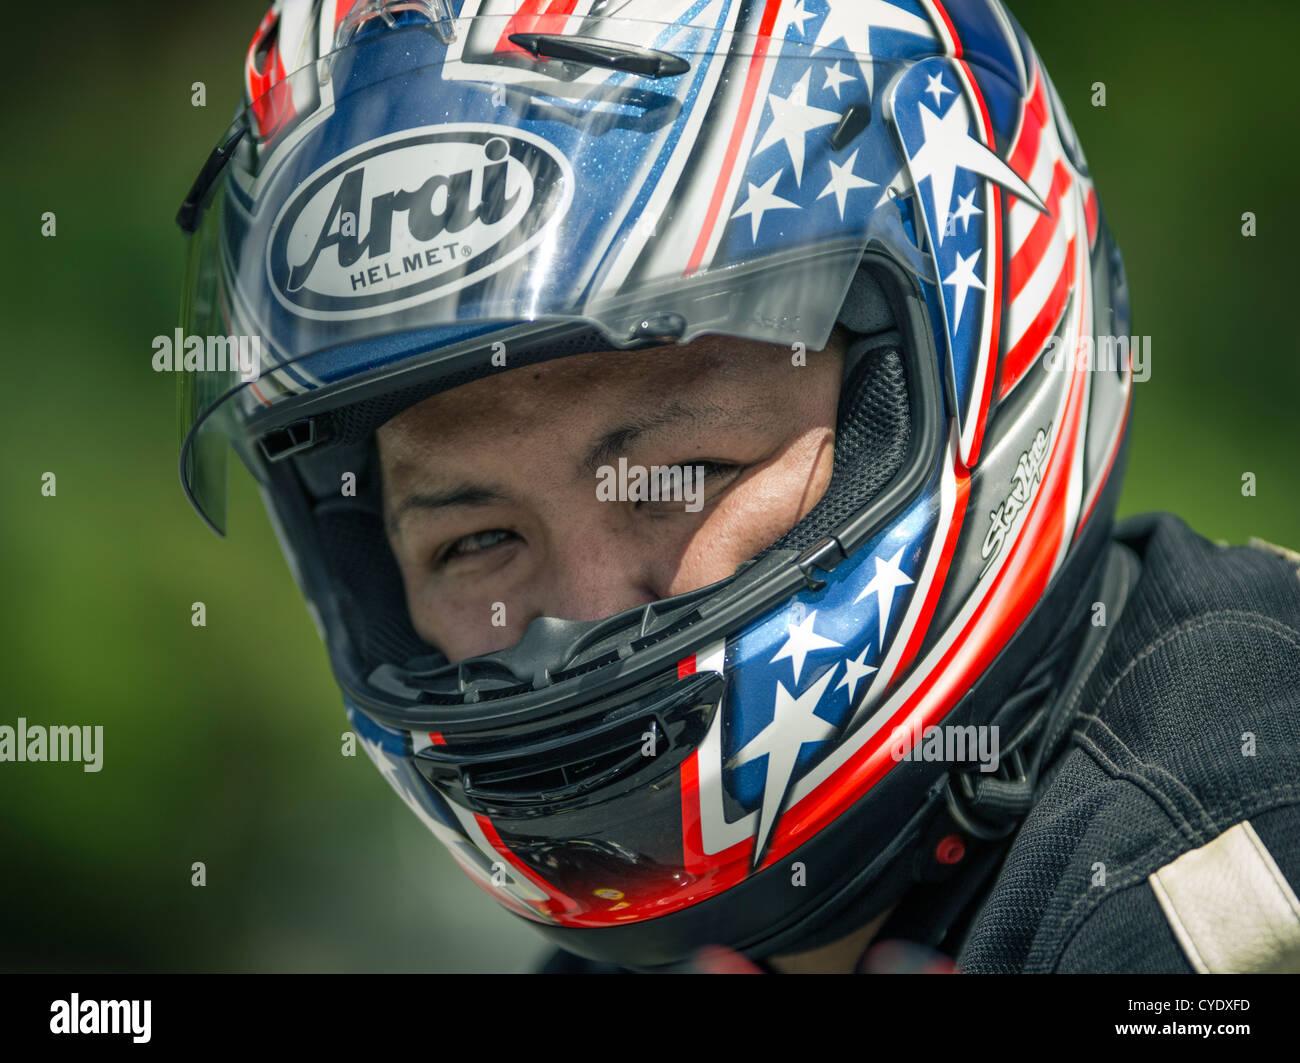 Motorbike rider wearing Arai helmet - Stock Image